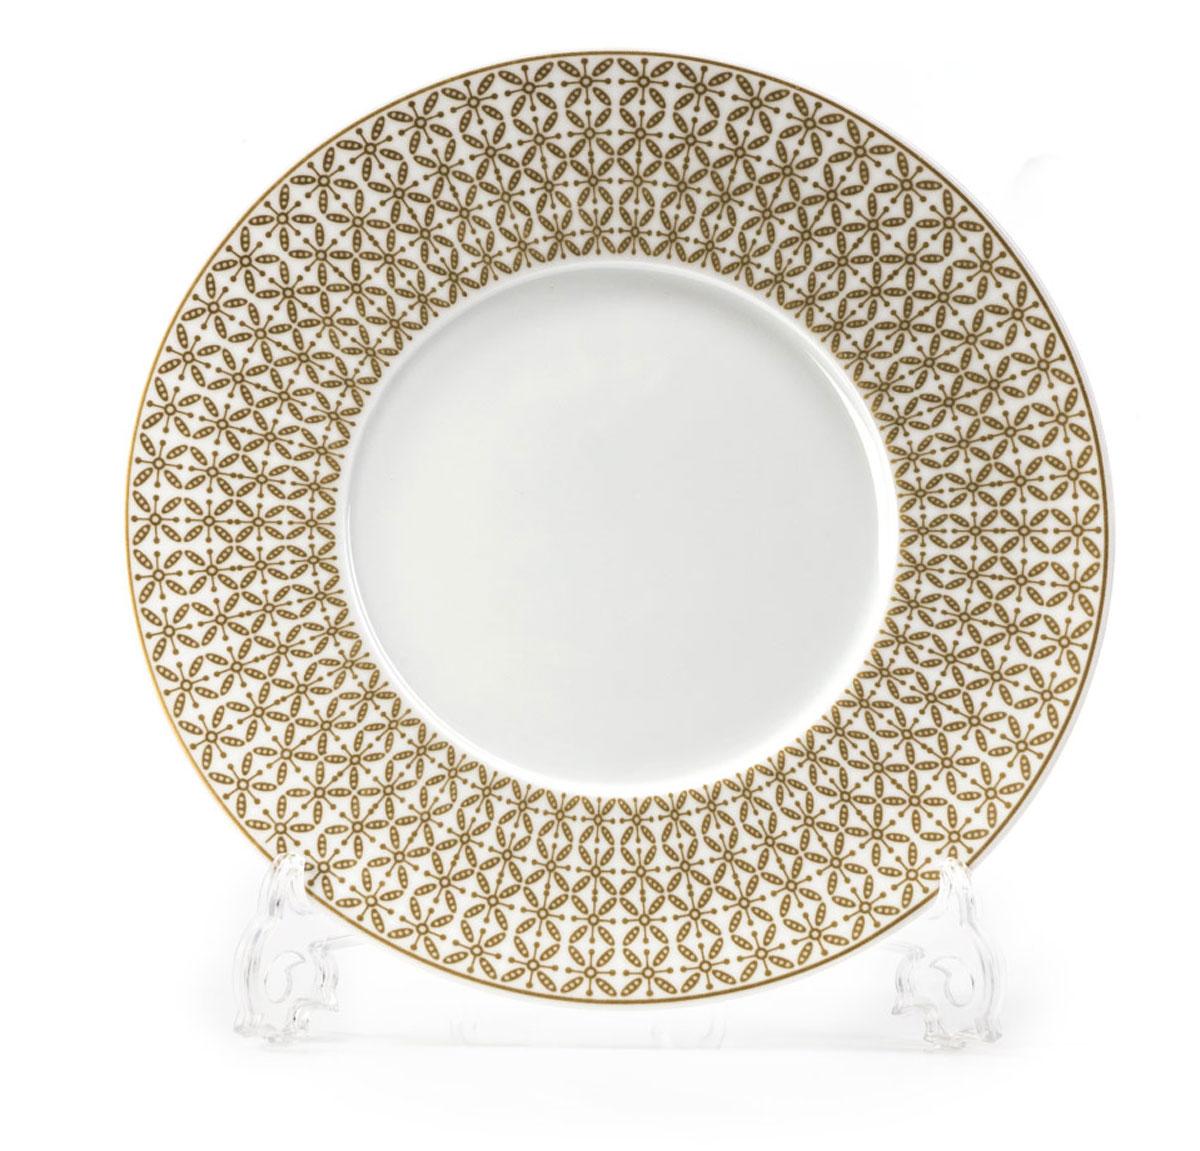 Тарелка La Rose des Sables Ажур, цвет: золотой, диаметр 21 см830123 2302